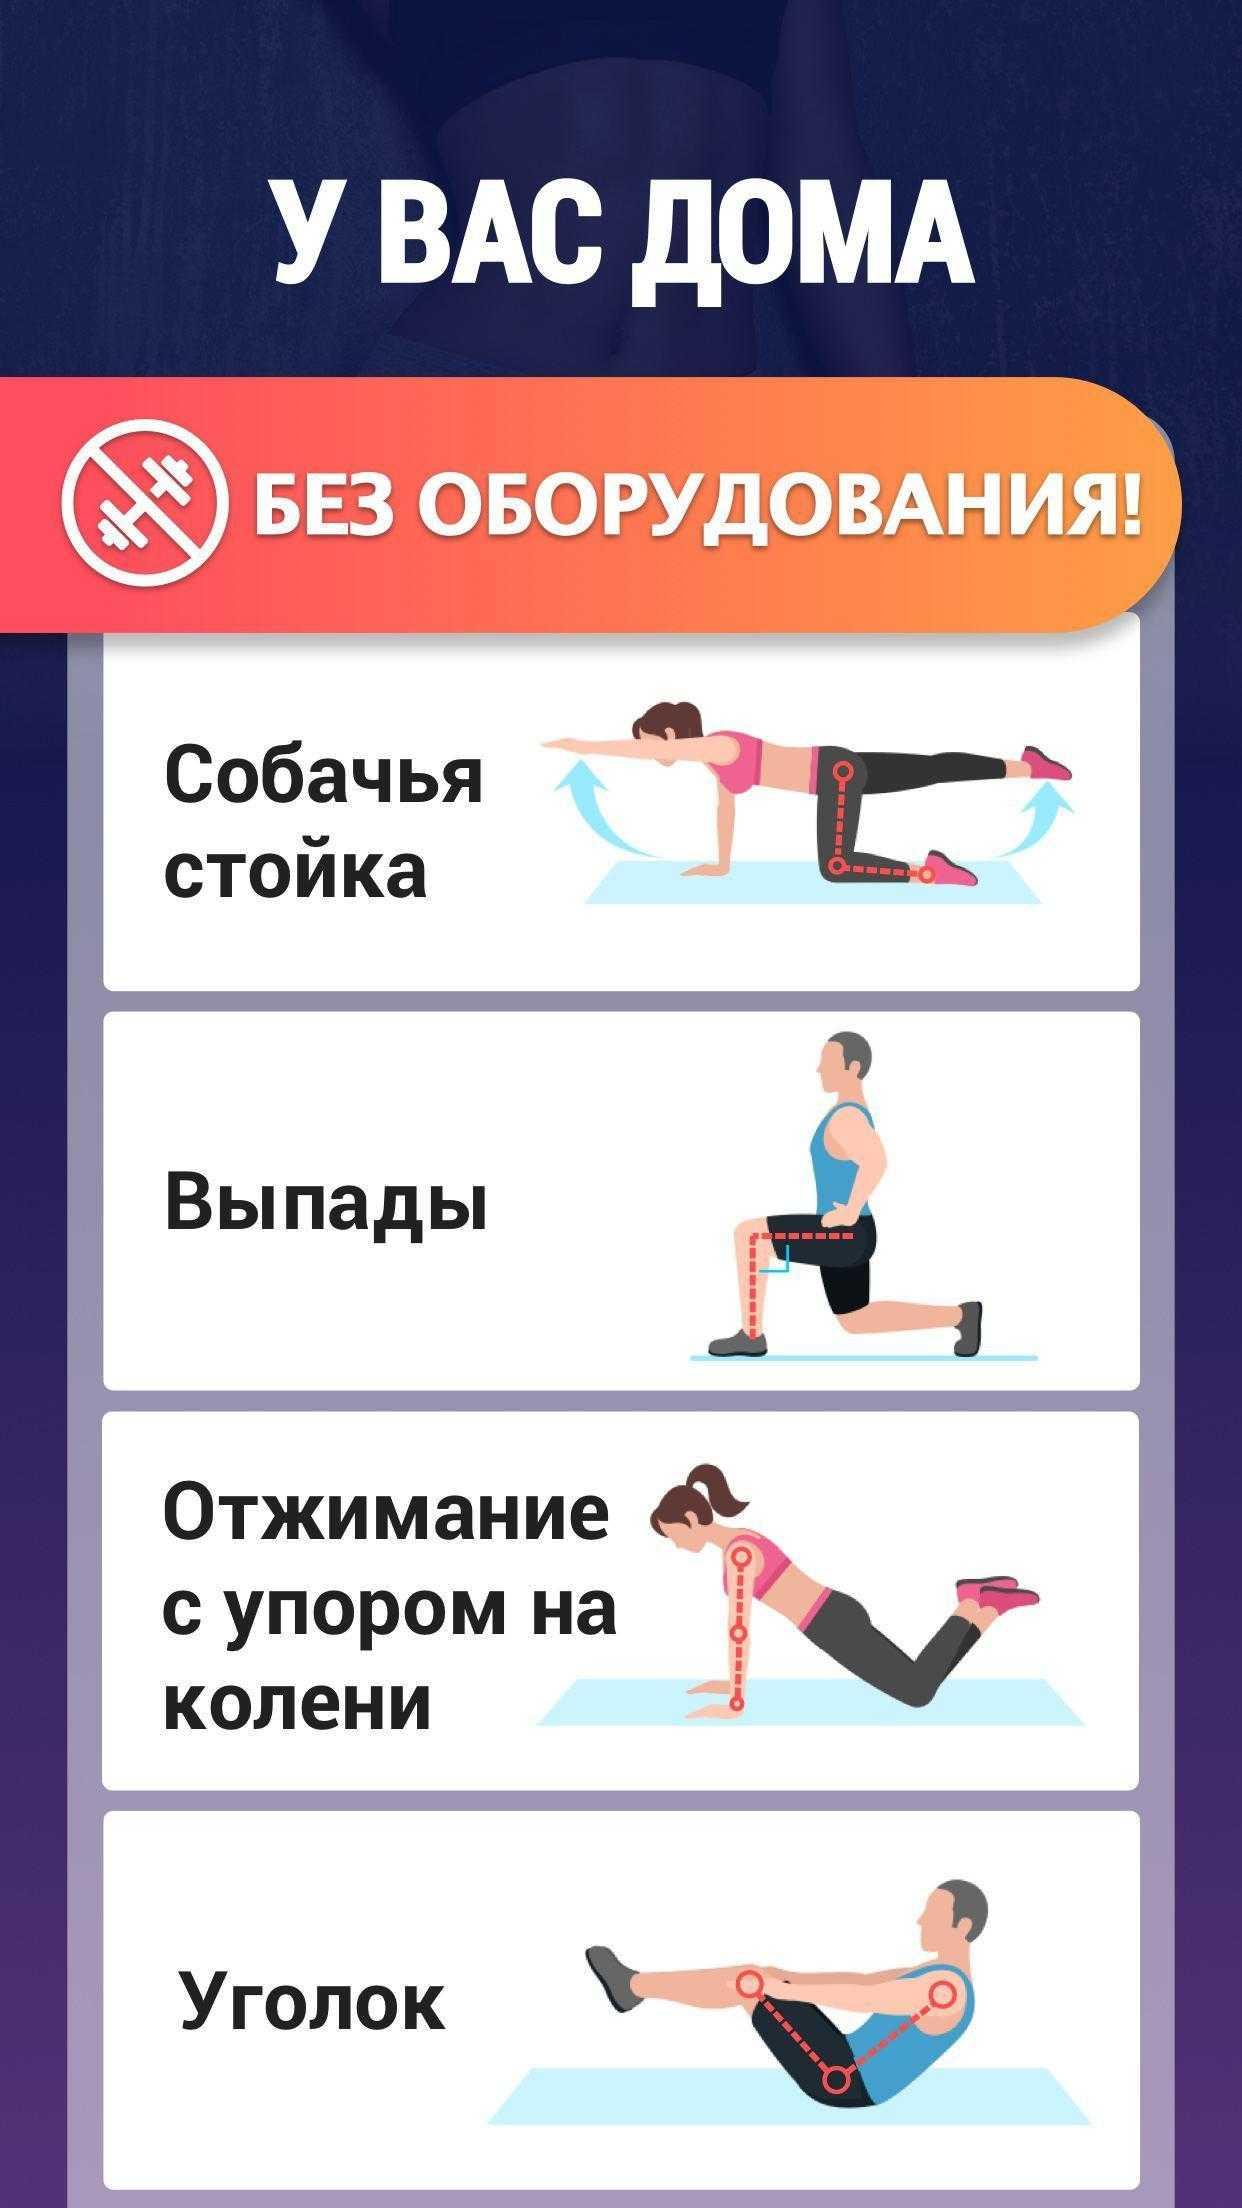 20 минут кардио: особенности тренировок, мифы и заблуждения, советы тренеров - tony.ru